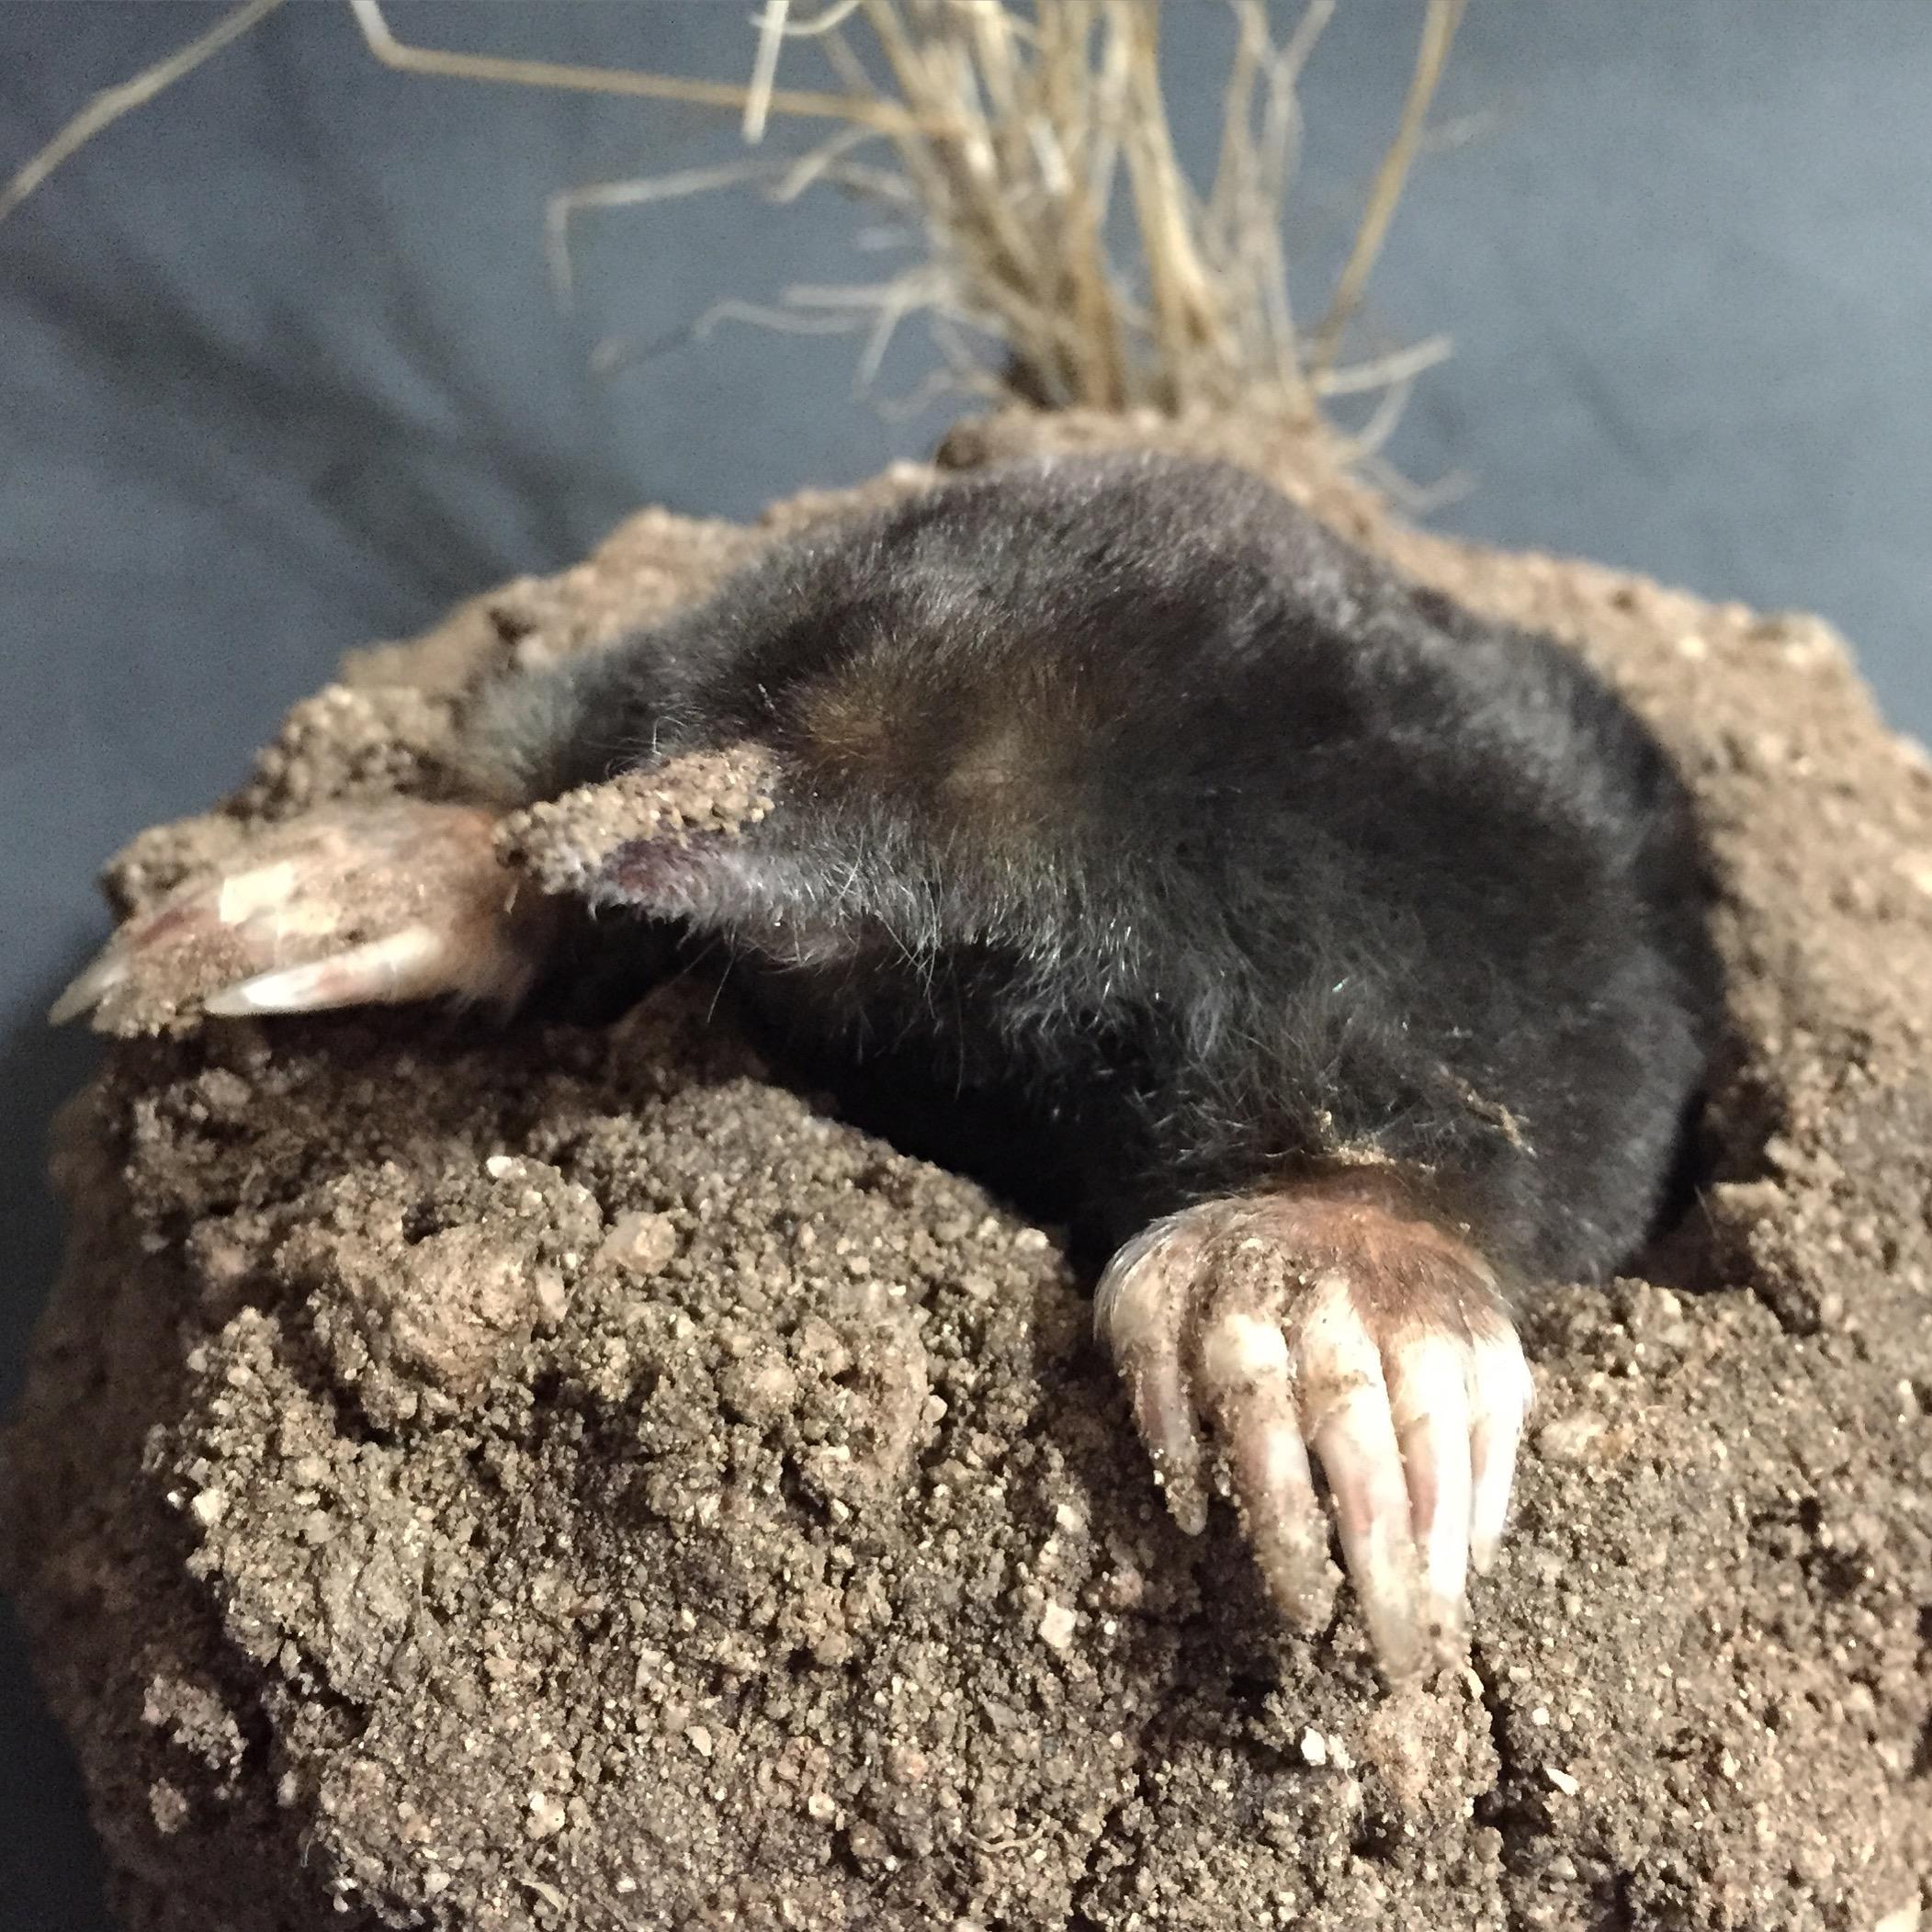 Natural Habitat Mole